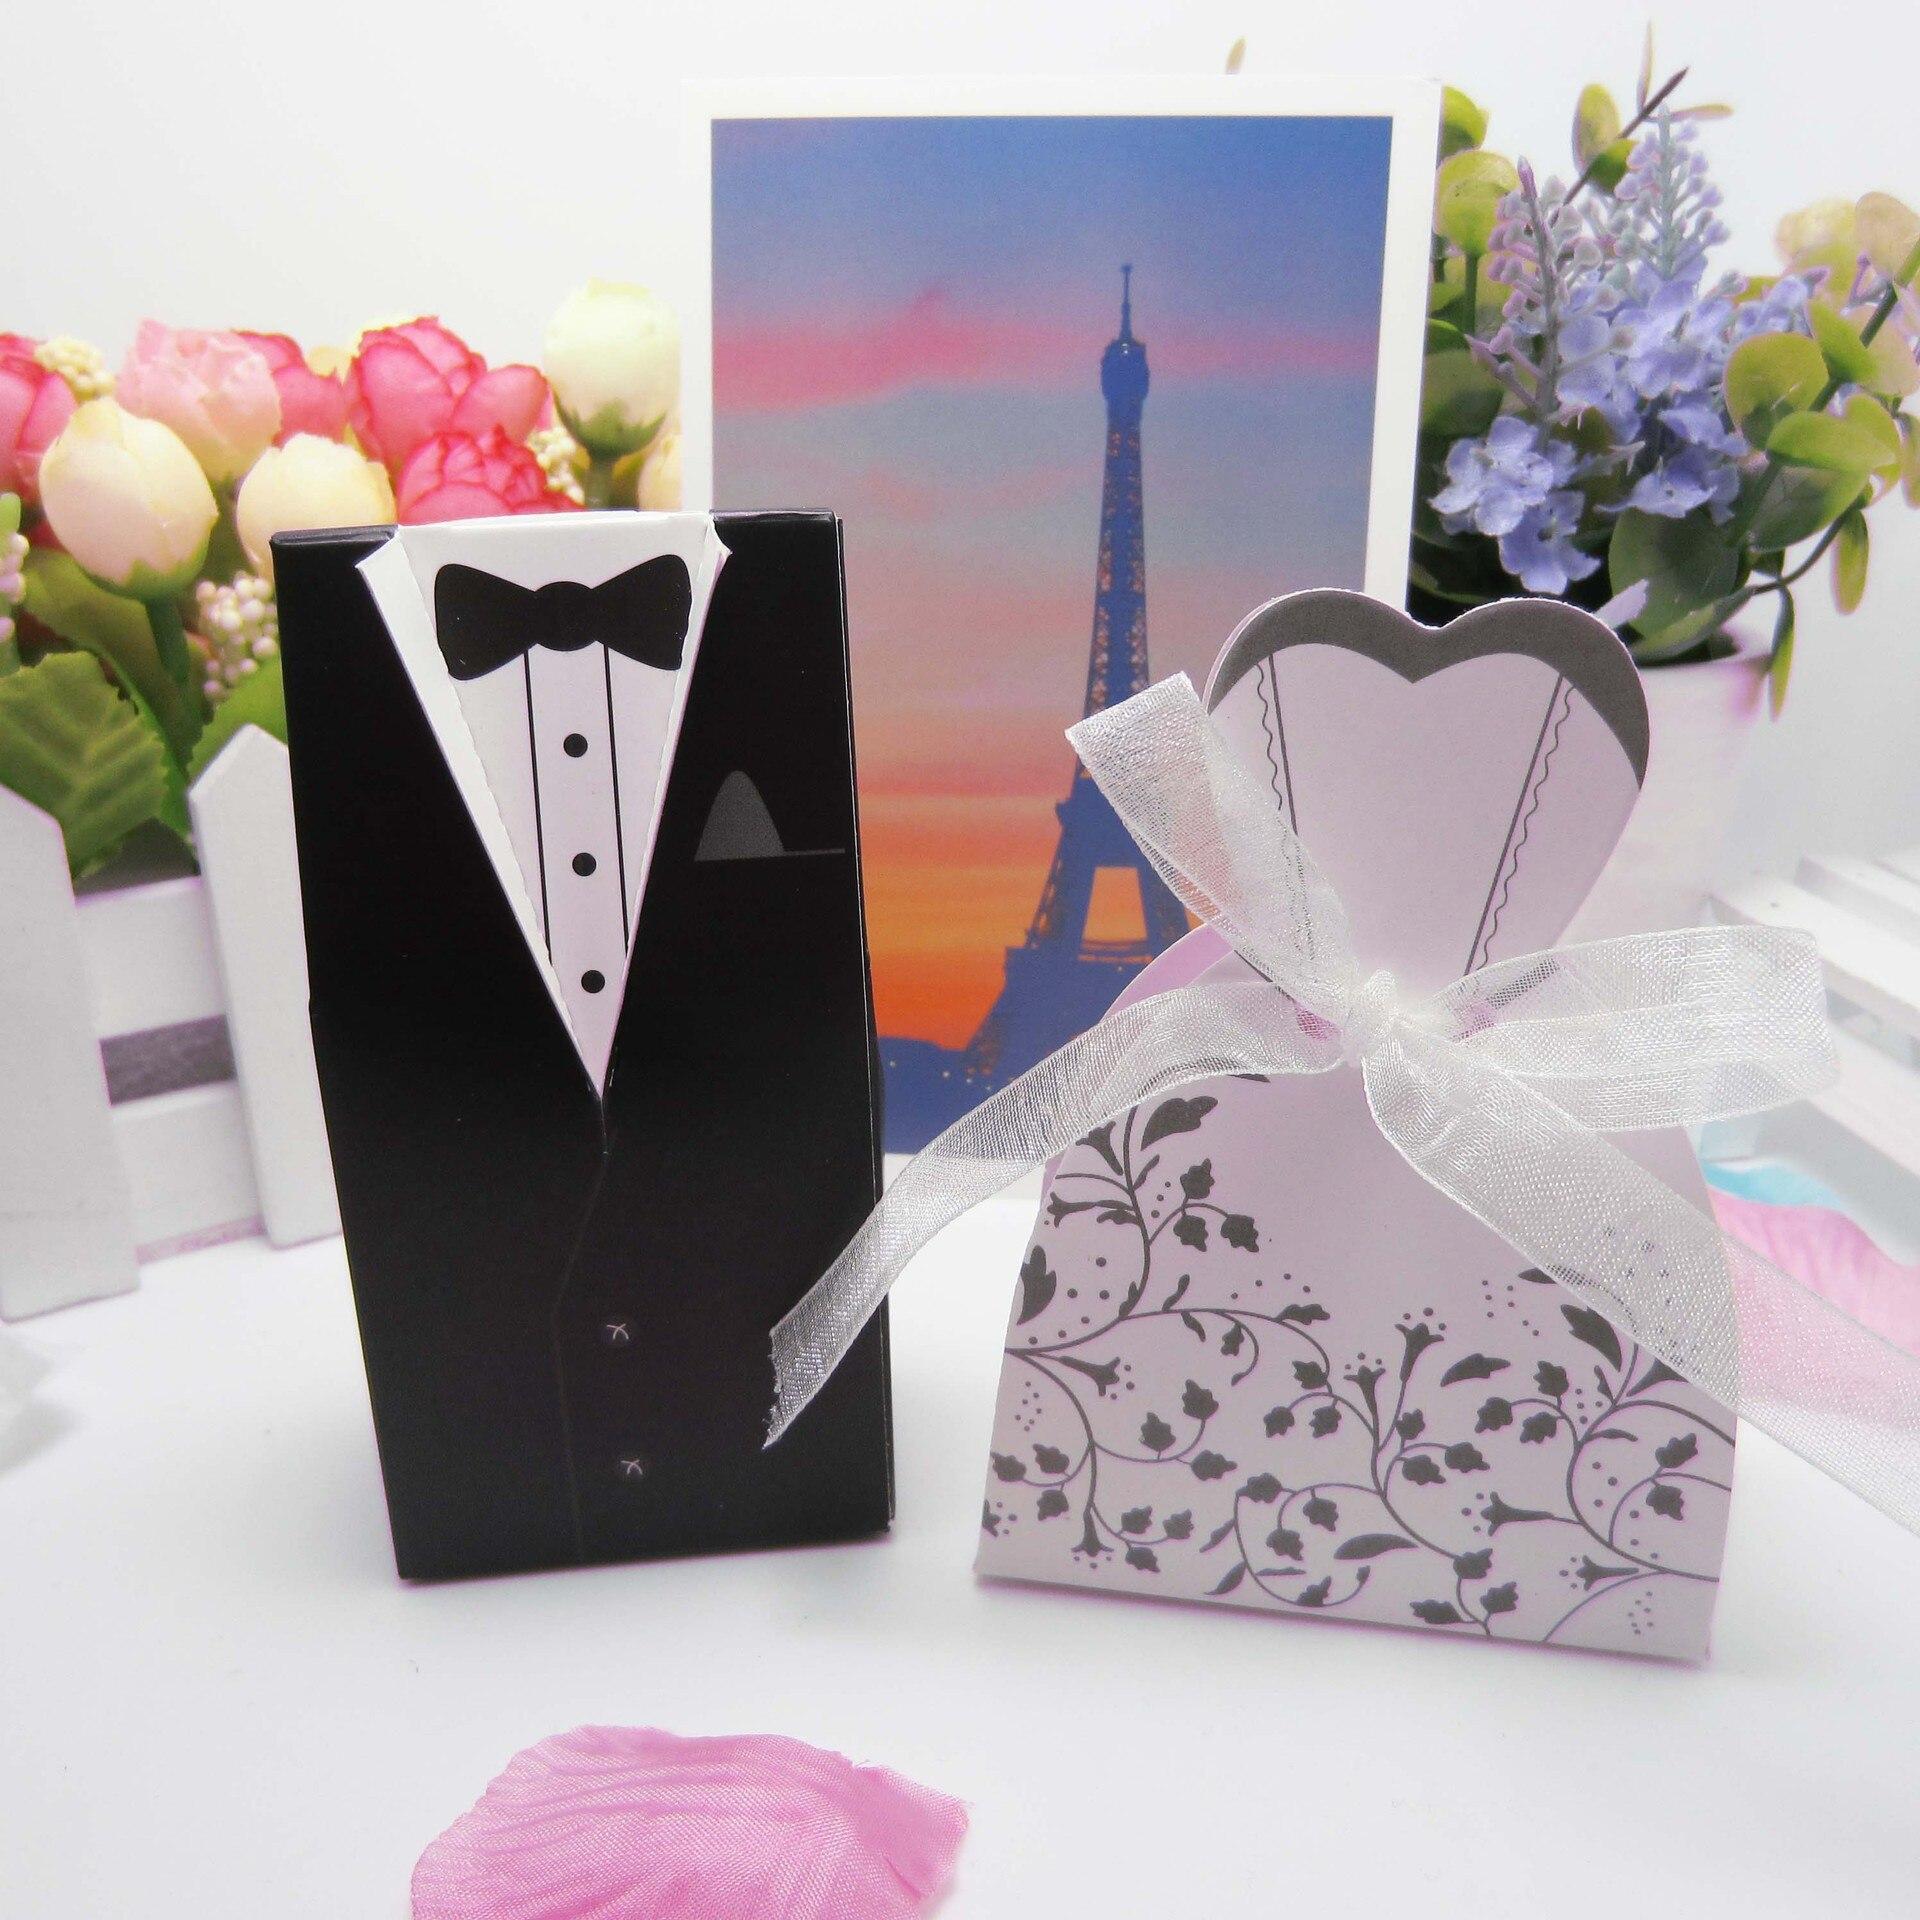 100 ensemble mariée marié robe bonbons boîte mariage bonbons sac anniversaire cadeau boîte fiançailles fête cadeau sacs emballage décoration